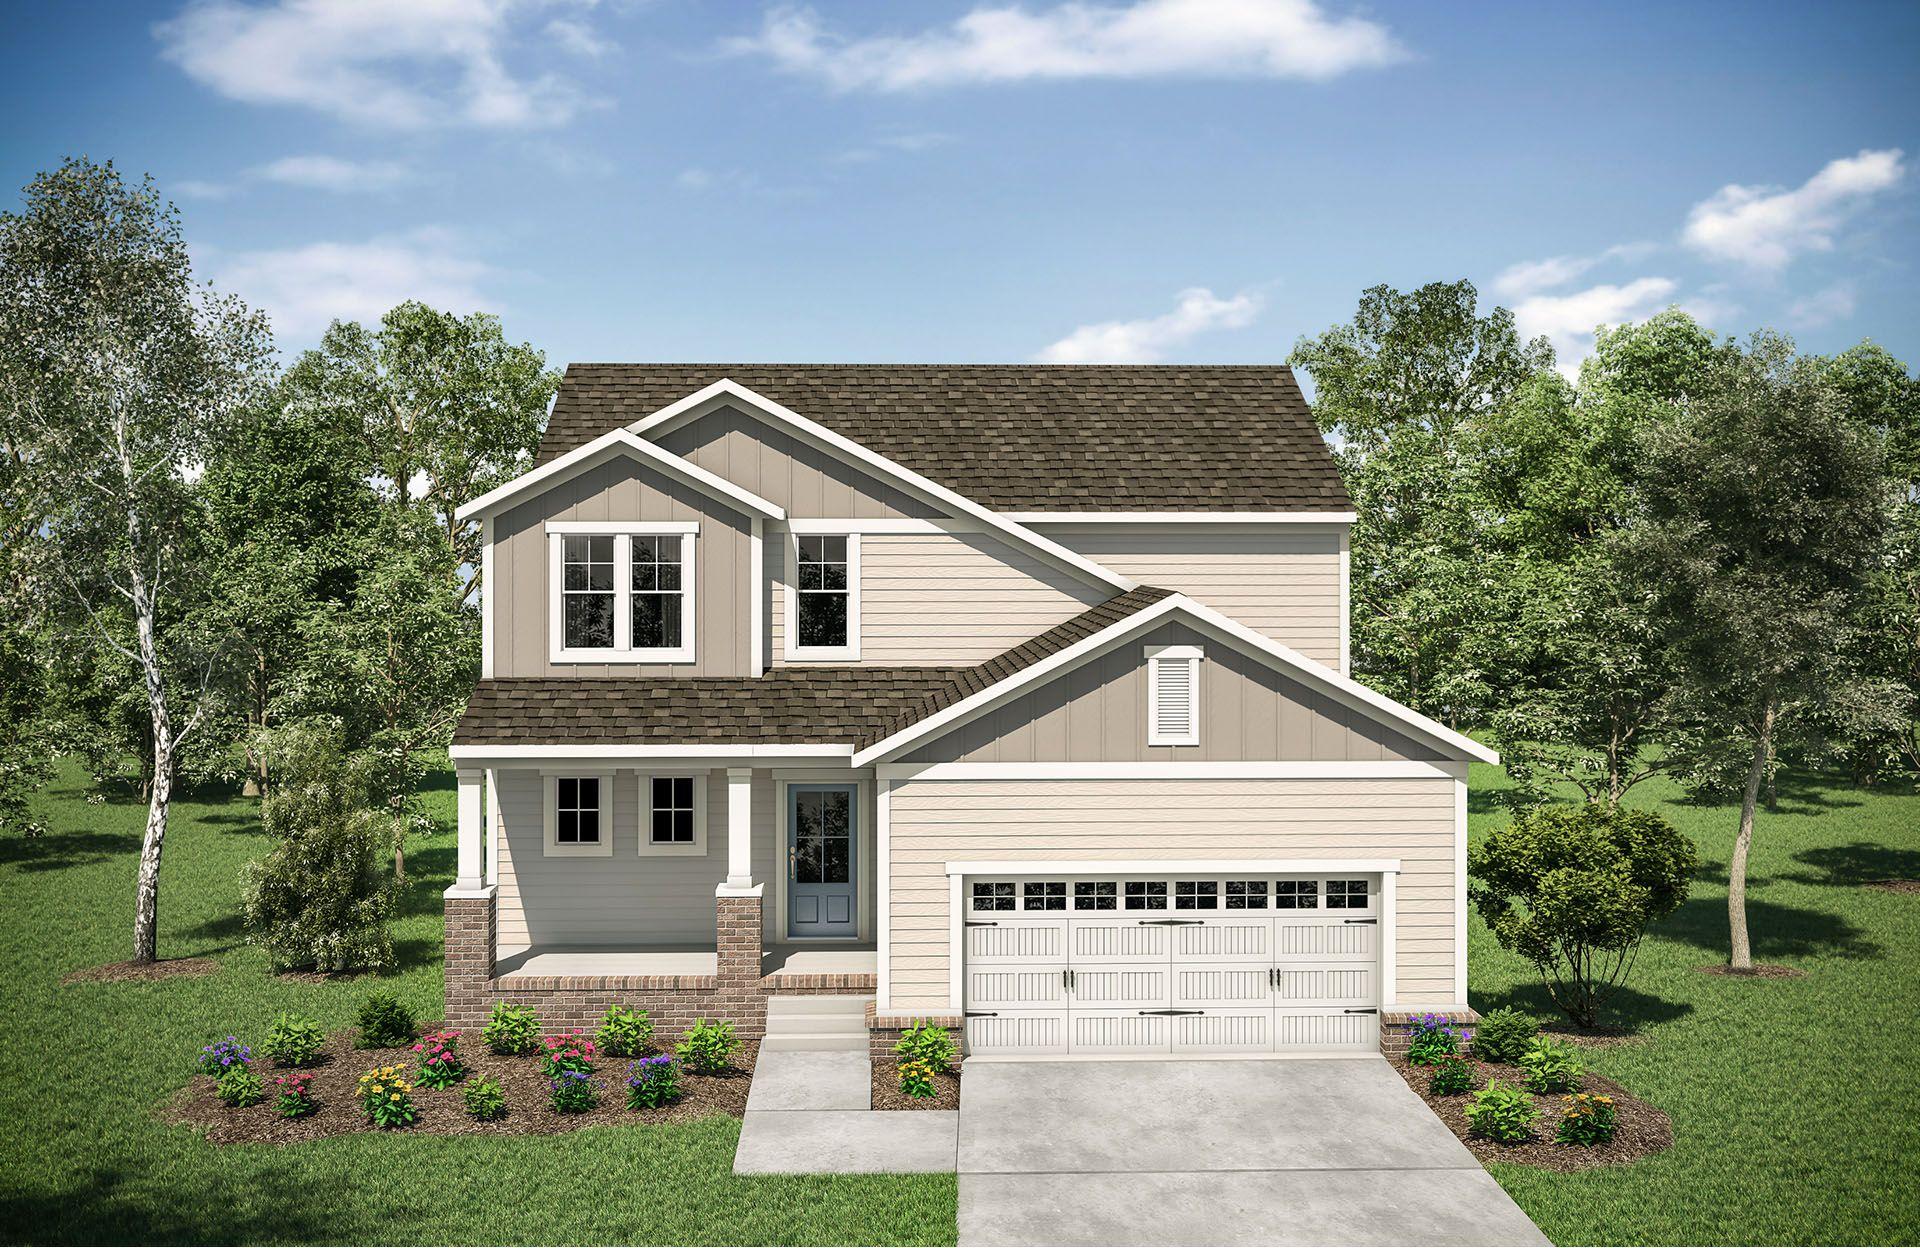 Ashland A:Ashland A with front porch